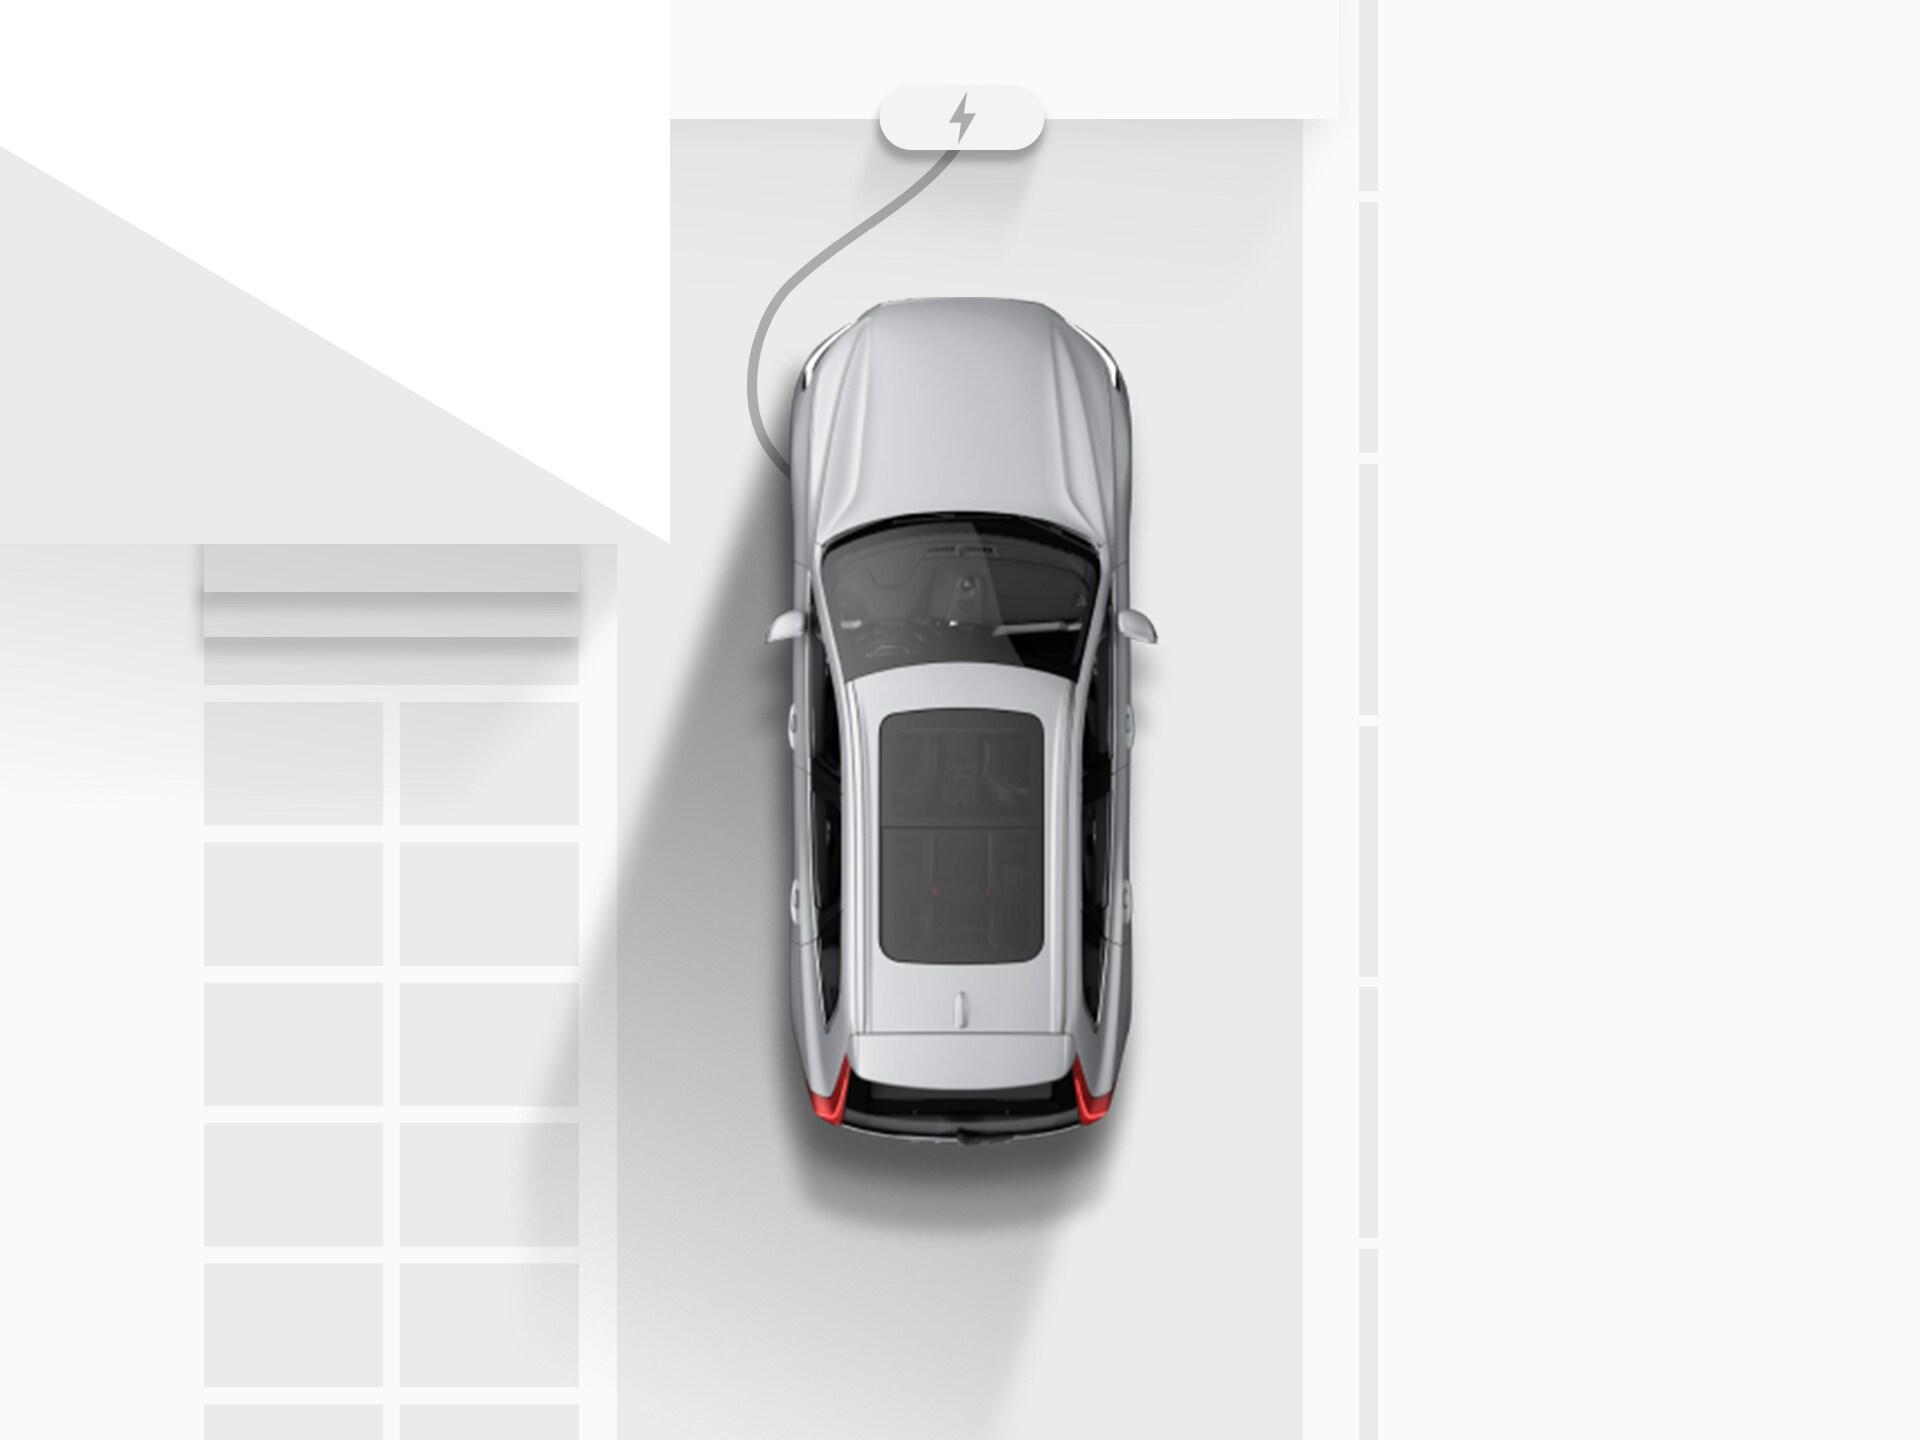 Vue aérienne du dessin numérique d'un SUV Volvo XC40 Recharge Pure Electric couleur argent branché et en charge dans l'allée d'une maison.